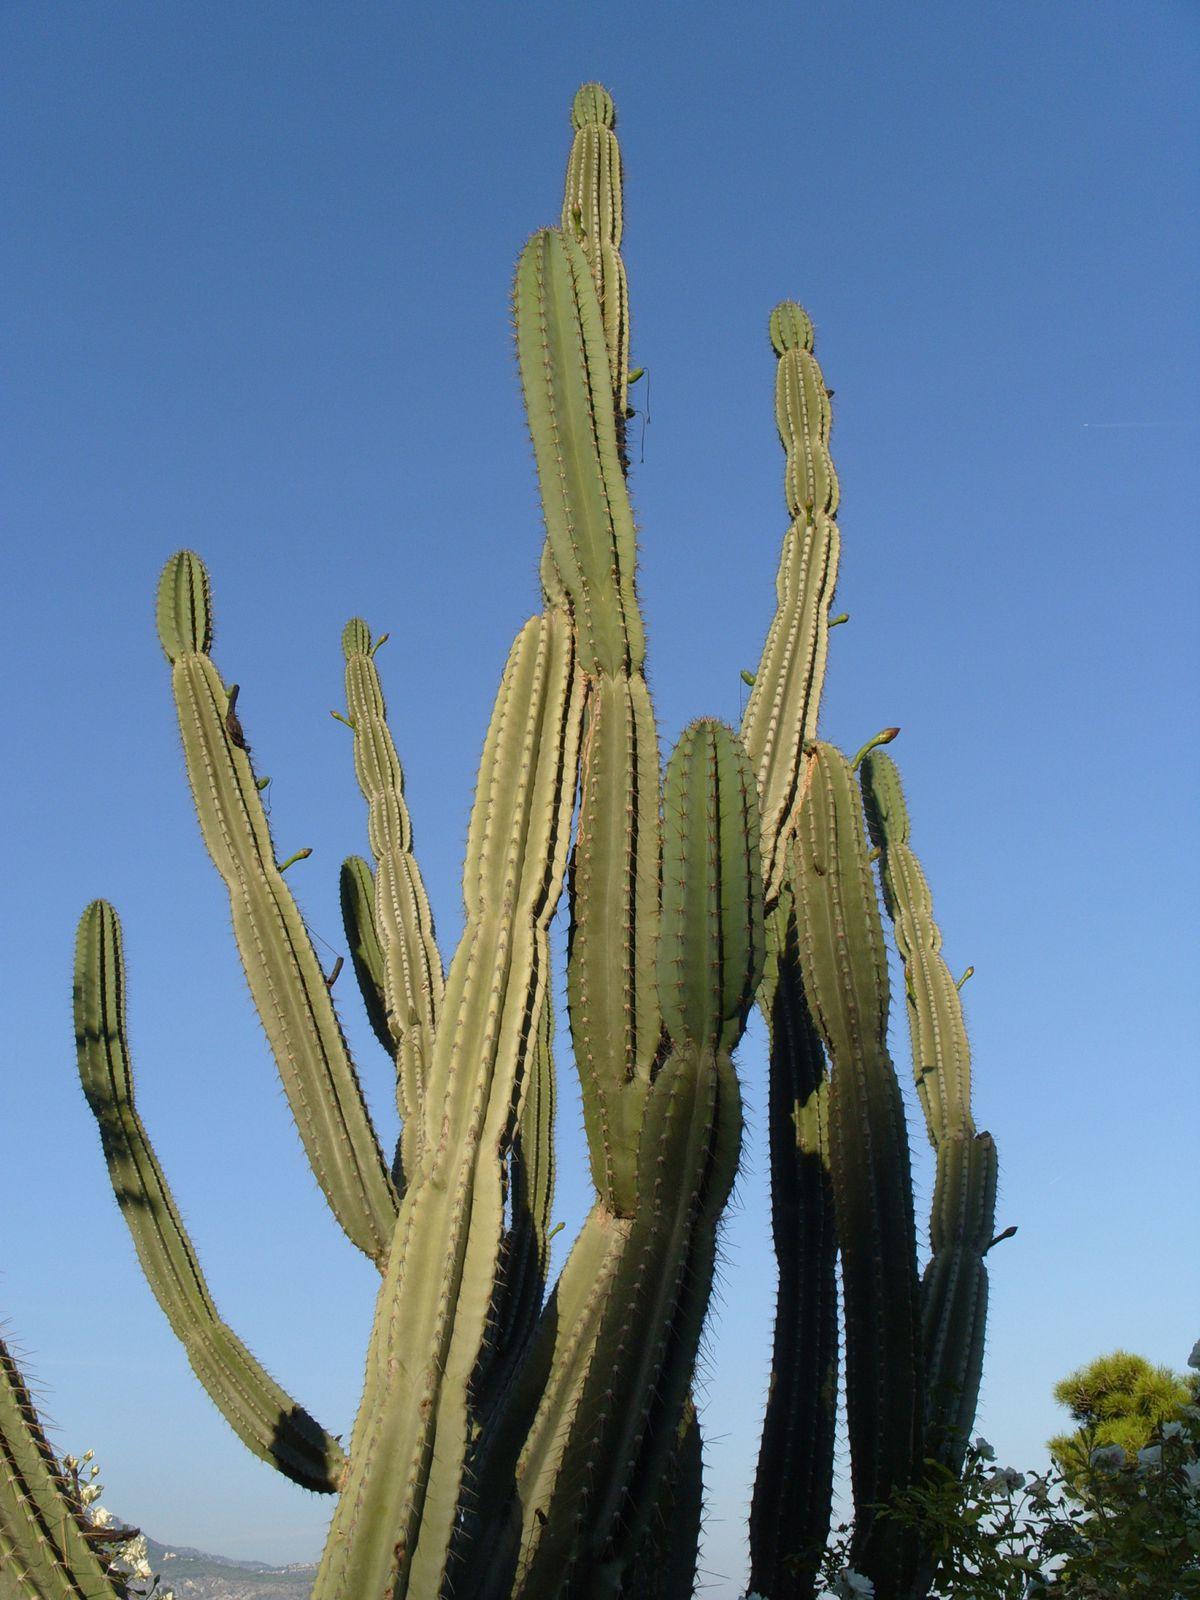 Photos de cactus prises dans des jardineries ou dans la nature